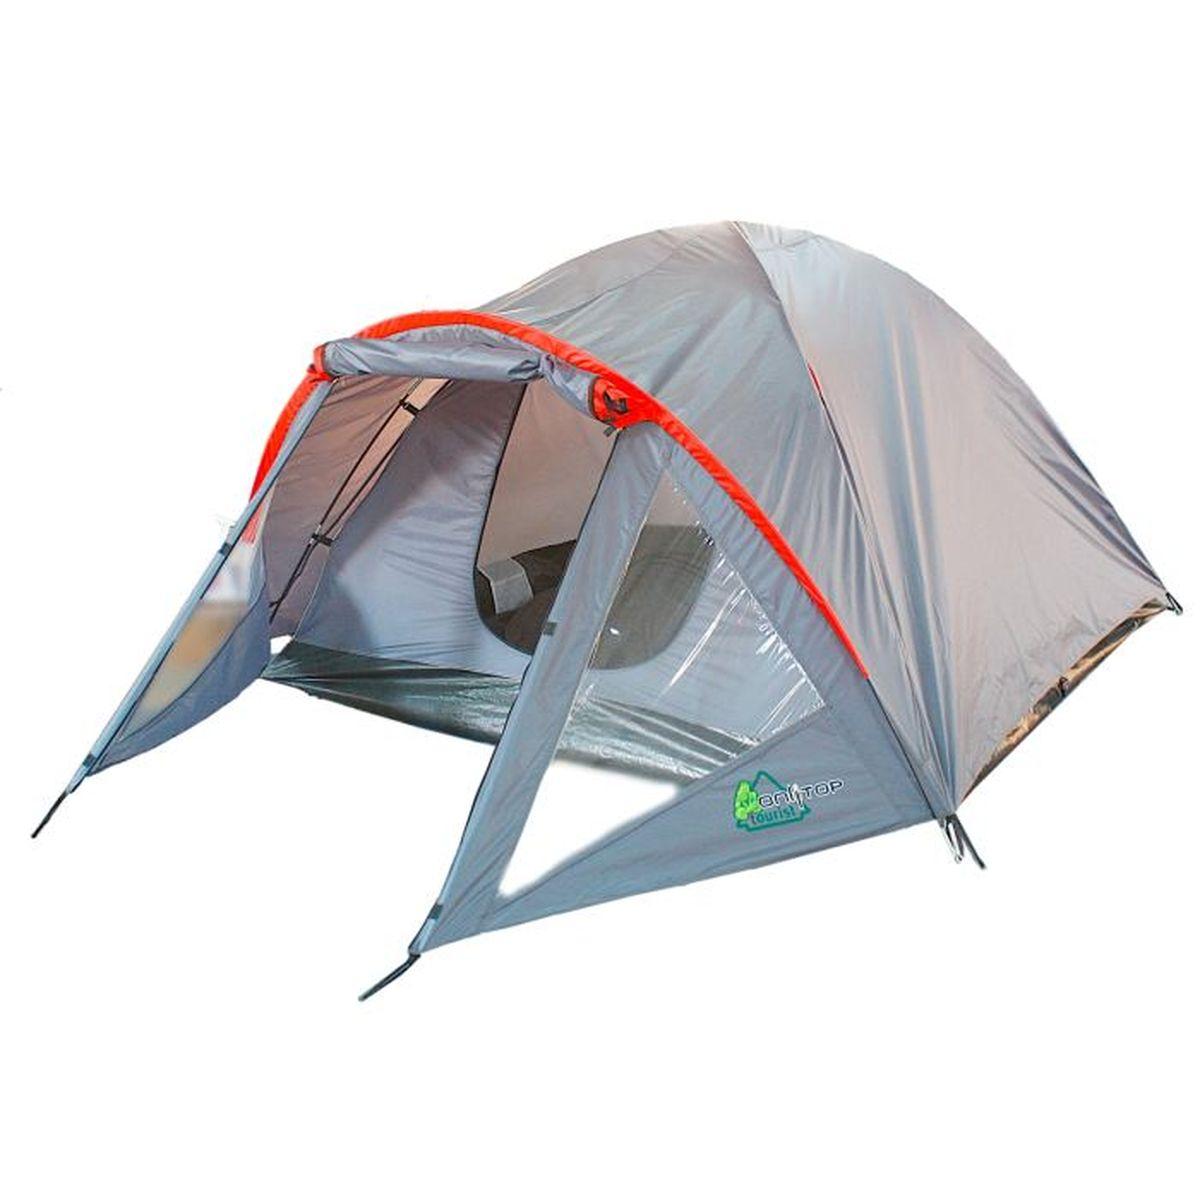 Палатка туристическая Onlitop Discovery, 3-местная, цвет: серый776301Если вы заядлый турист или просто любитель природы, вы хоть раз задумывались о ночевке на свежем воздухе. Чтобы провести это время с комфортом, вам понадобится отличная палатка, такая как Onlitop Discovery. Палатка рассчитана на 3 человек, она обеспечит безопасный и комфортный отдых и защитит от непогоды и насекомых. С помощью тамбура вы сможете сэкономить пространство, поместив туда рюкзаки и одежду.Конструкция палатки:- 1 вход;- 1 вместительный передний тамбур для хранения вещей с двумя боковыми окнами.Внутреннее оснащение:- москитная сетка на входе;- 1 вентиляционное окно;- 2 кармана для хранения вещей.Размер палатки: 280 x 210 x 130 см (тамбур, 70 см + комната, 210 см).